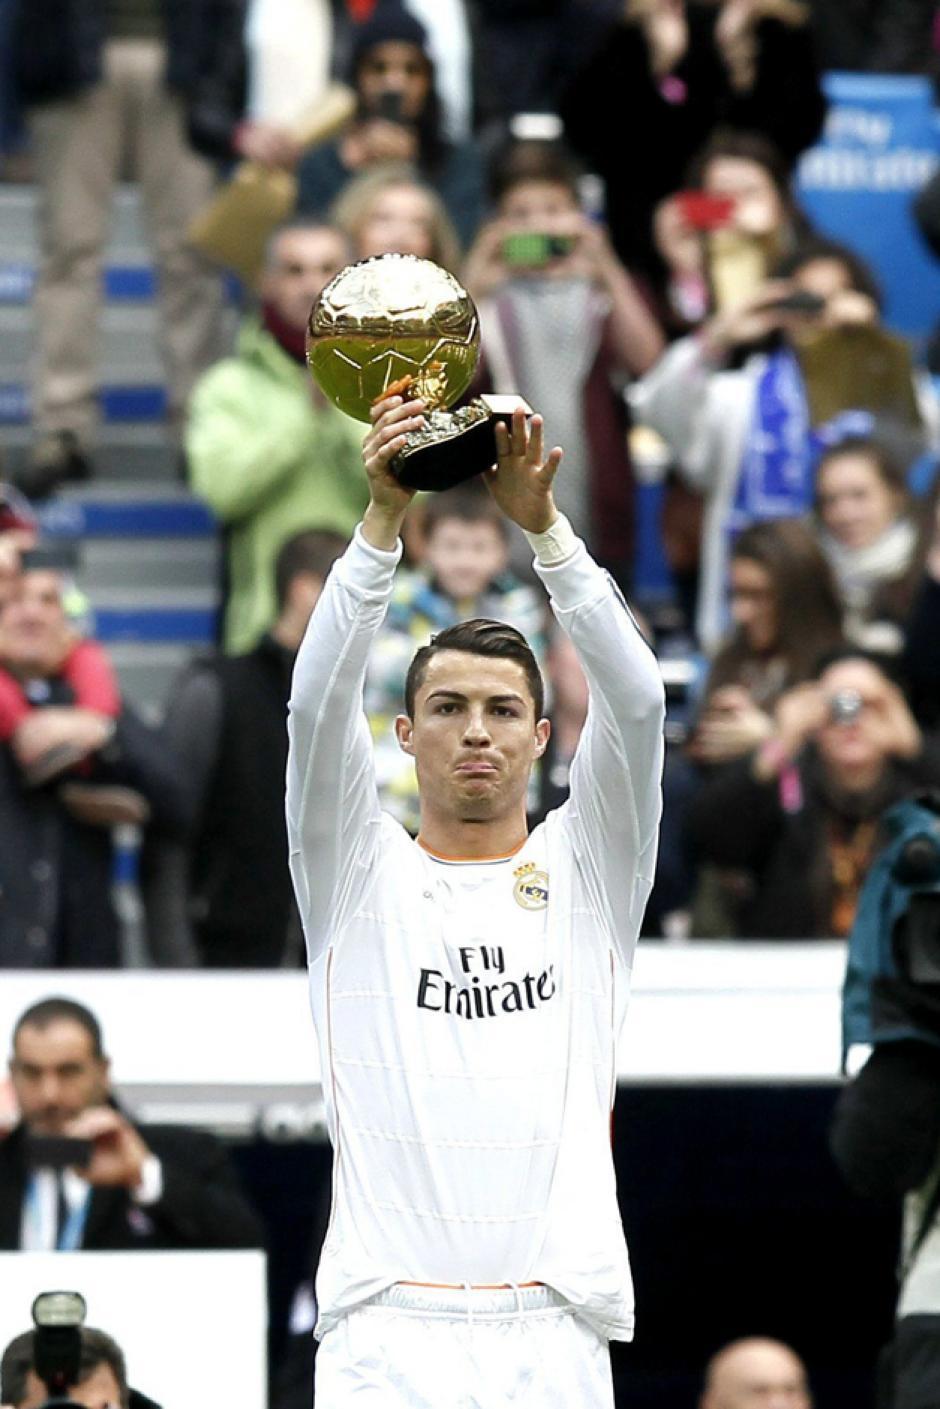 El Bernabéu vivió una fiesta total al recibir el Balón de Oro que Cristiano Ronaldo ganó en la ronda final a Messi y Ribéry. (Foto Javier Lizón/EFE)